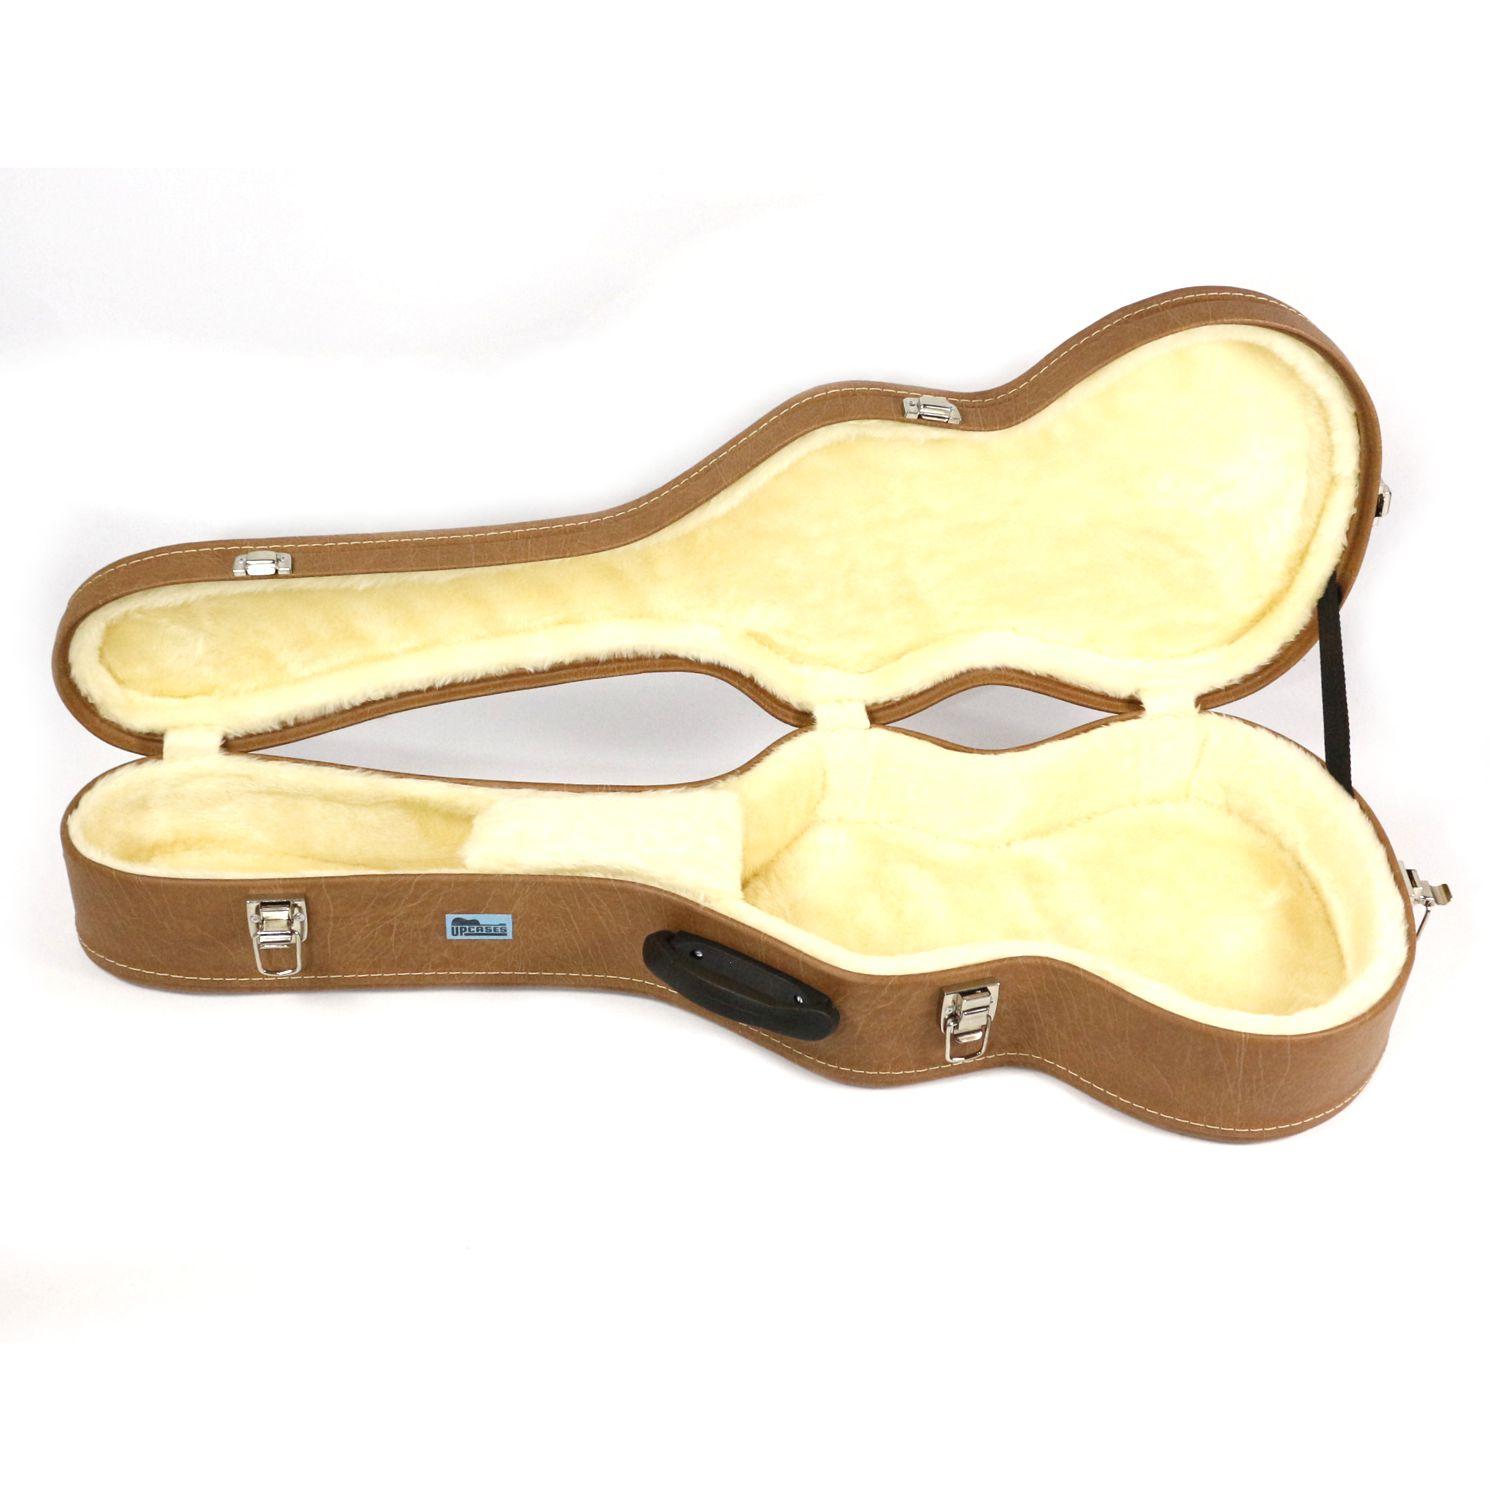 Hard Case para Viola Caipira Cinturada em Courvin Marrom - Upcases